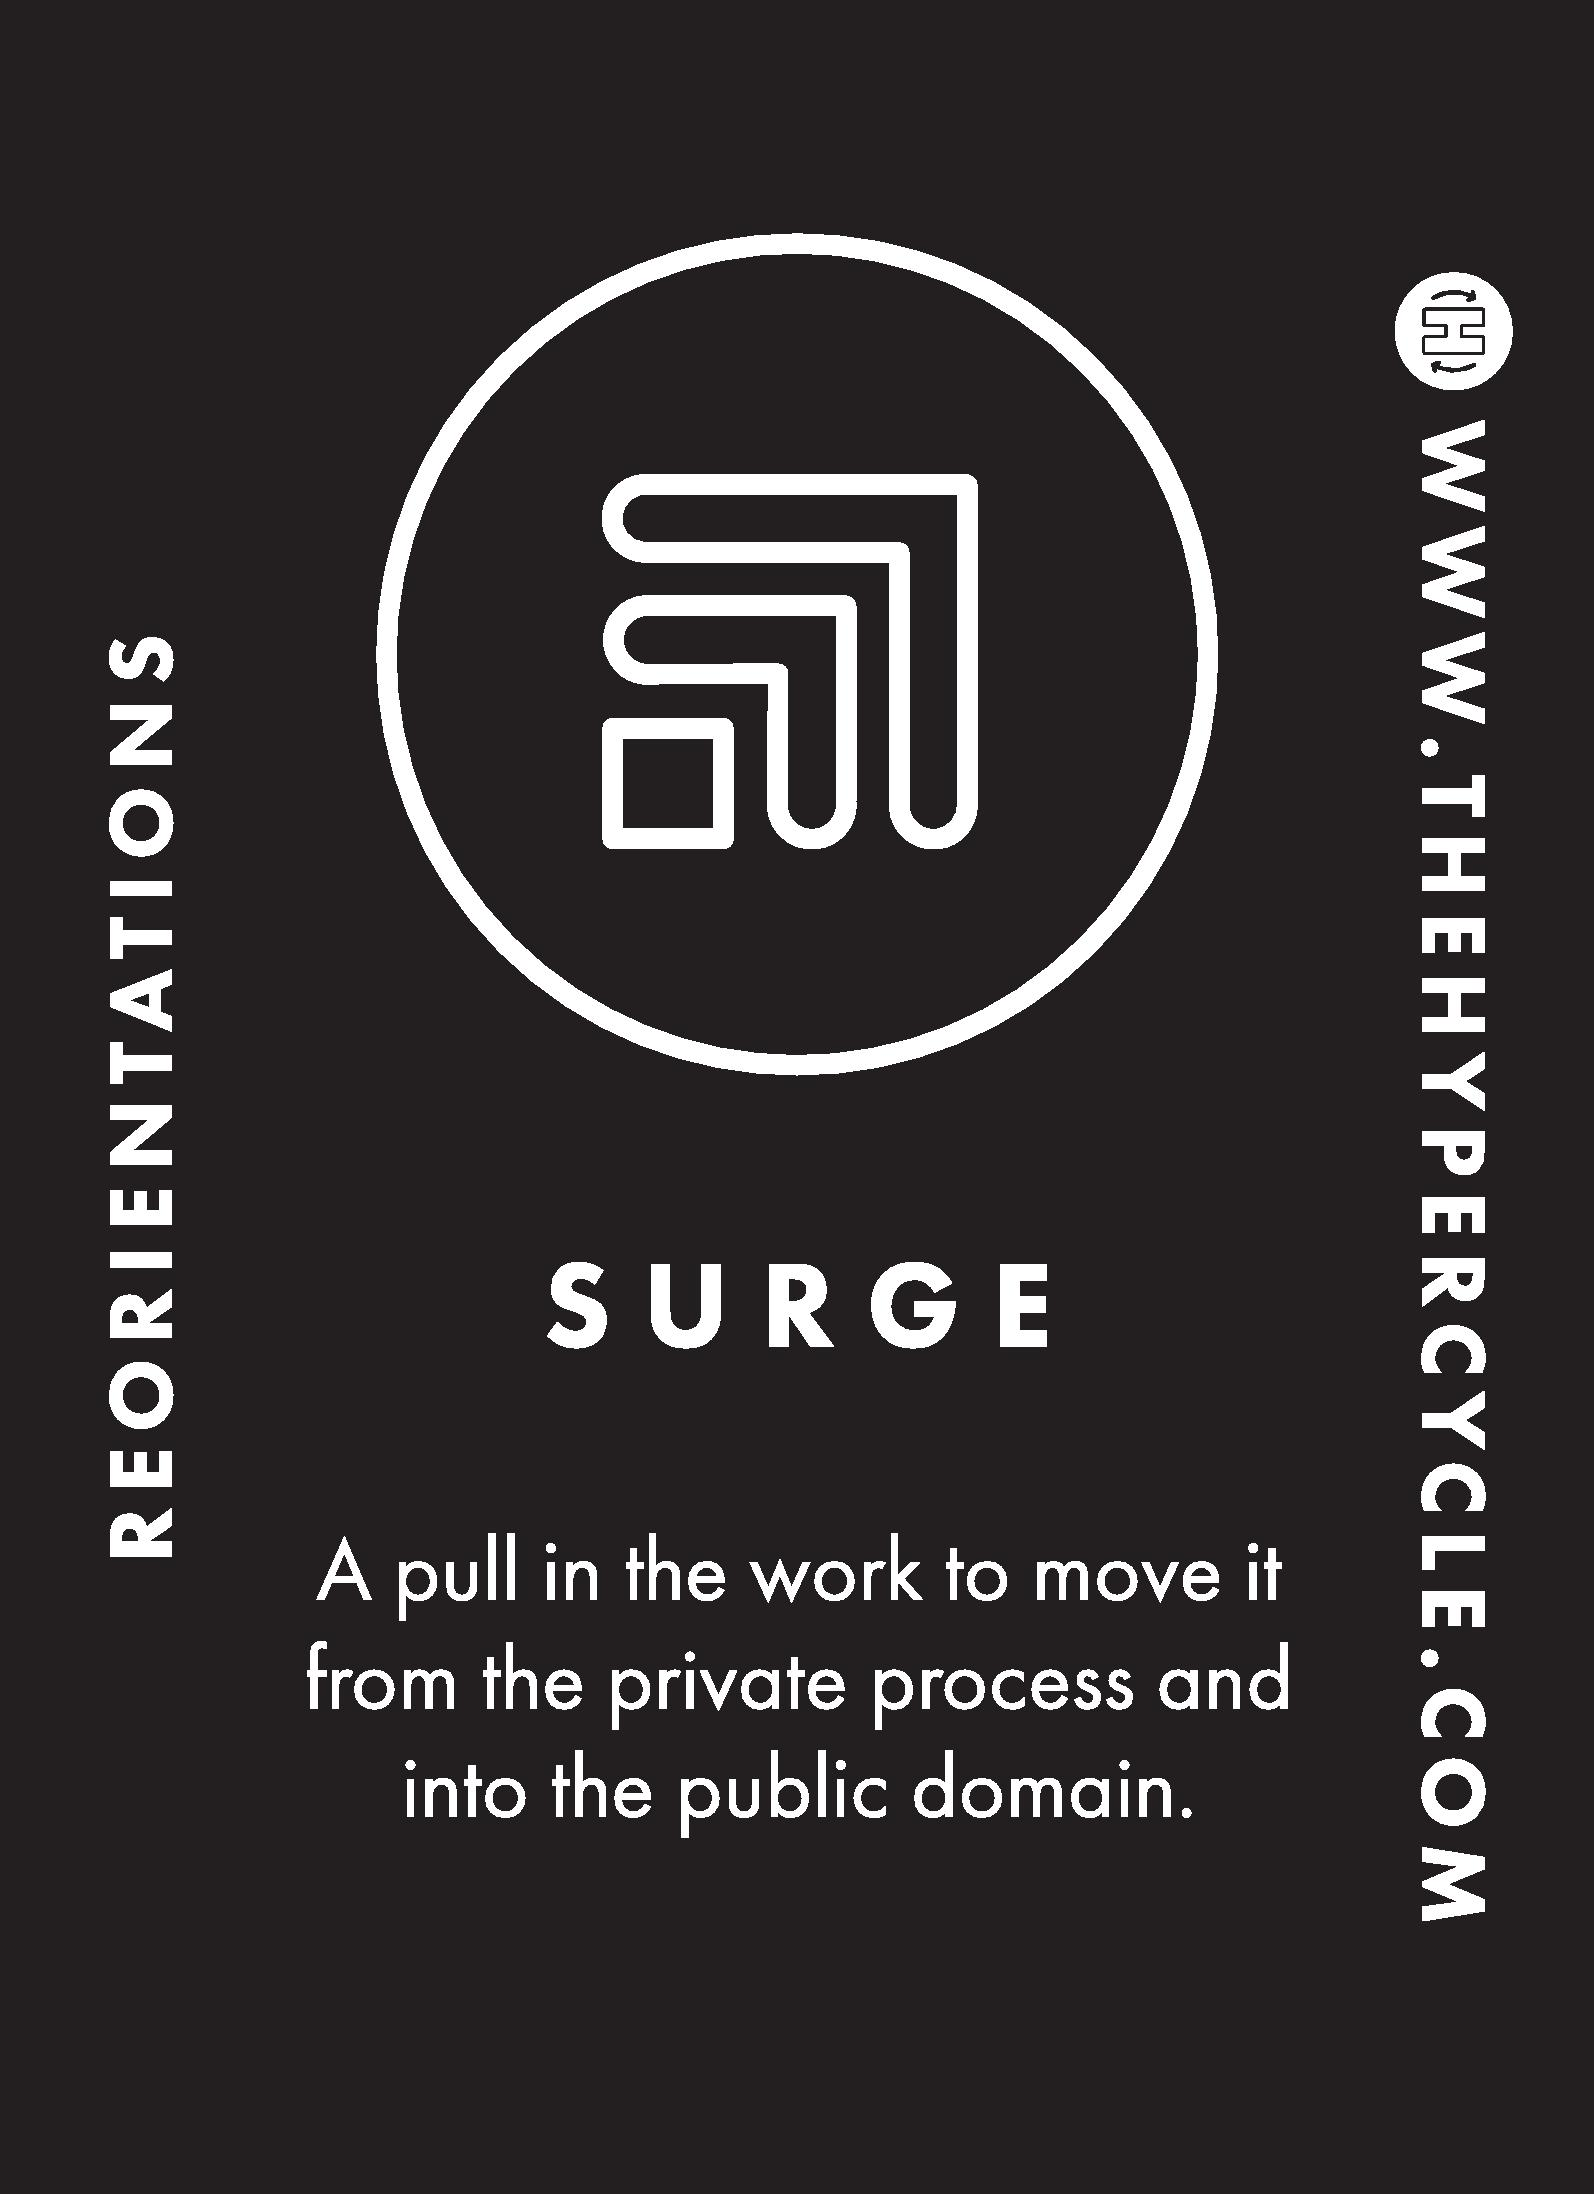 Surge-page-001.jpg